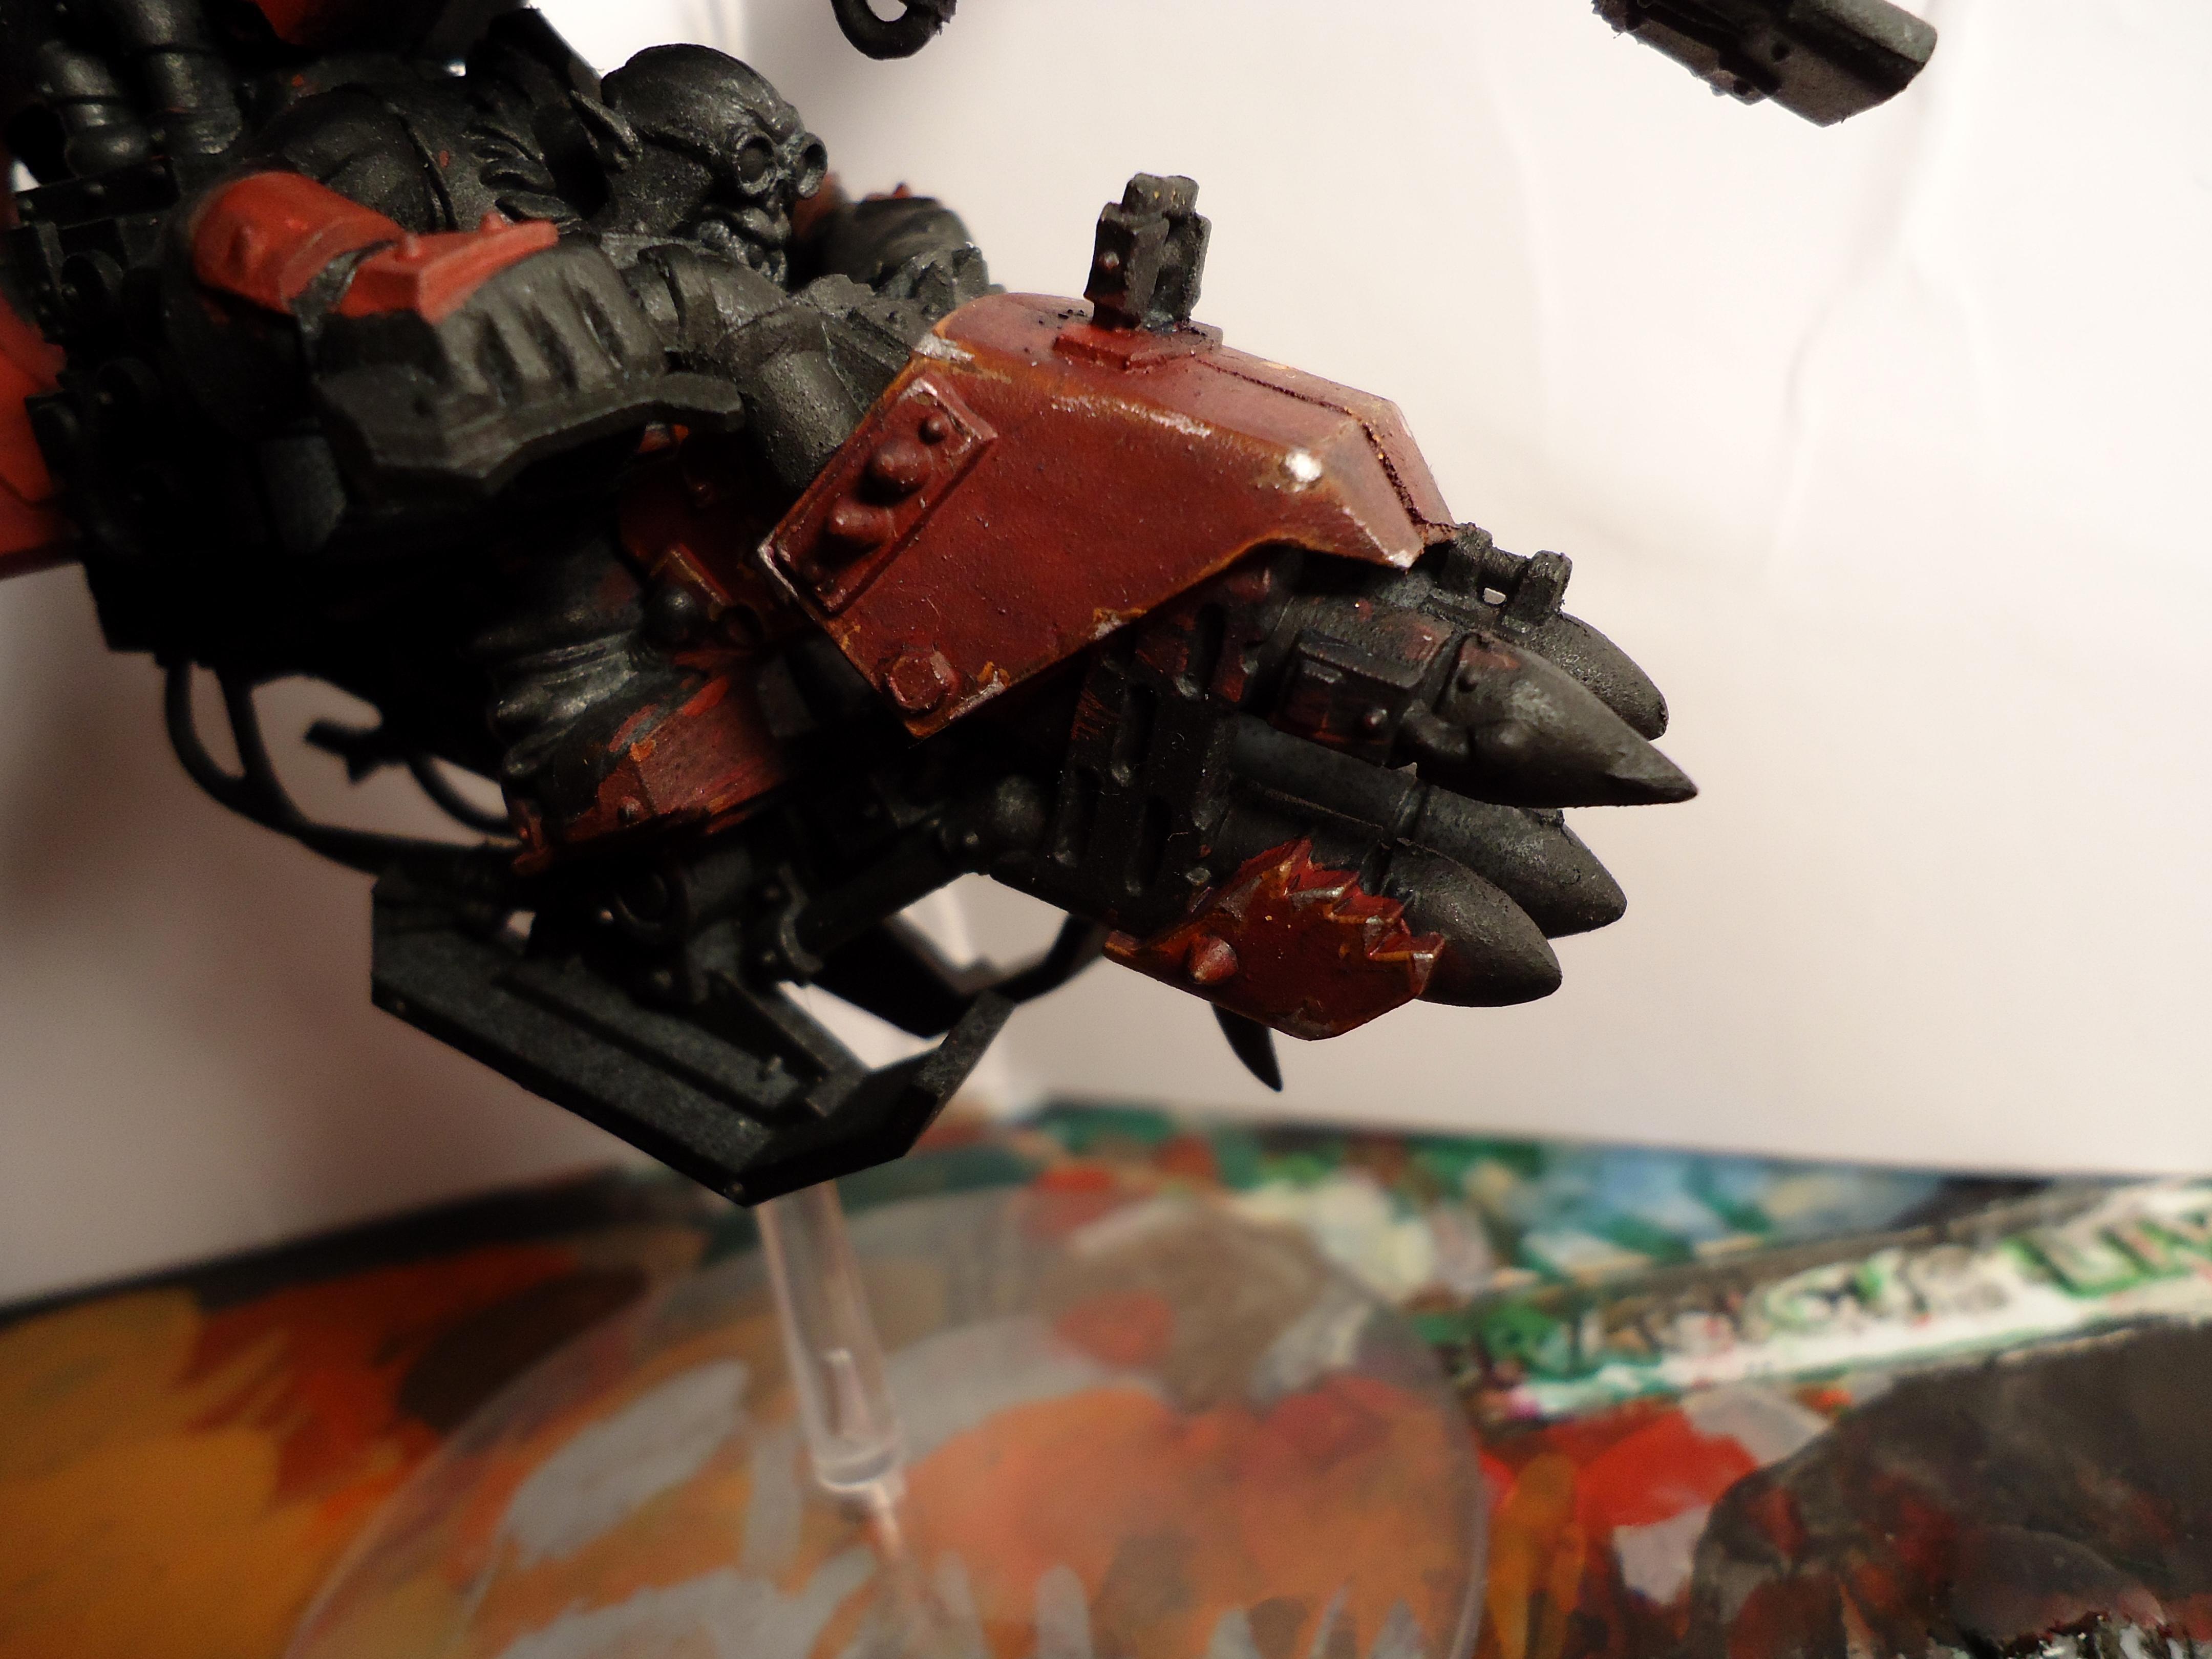 Deffkopta, Evil Sunz, Orks